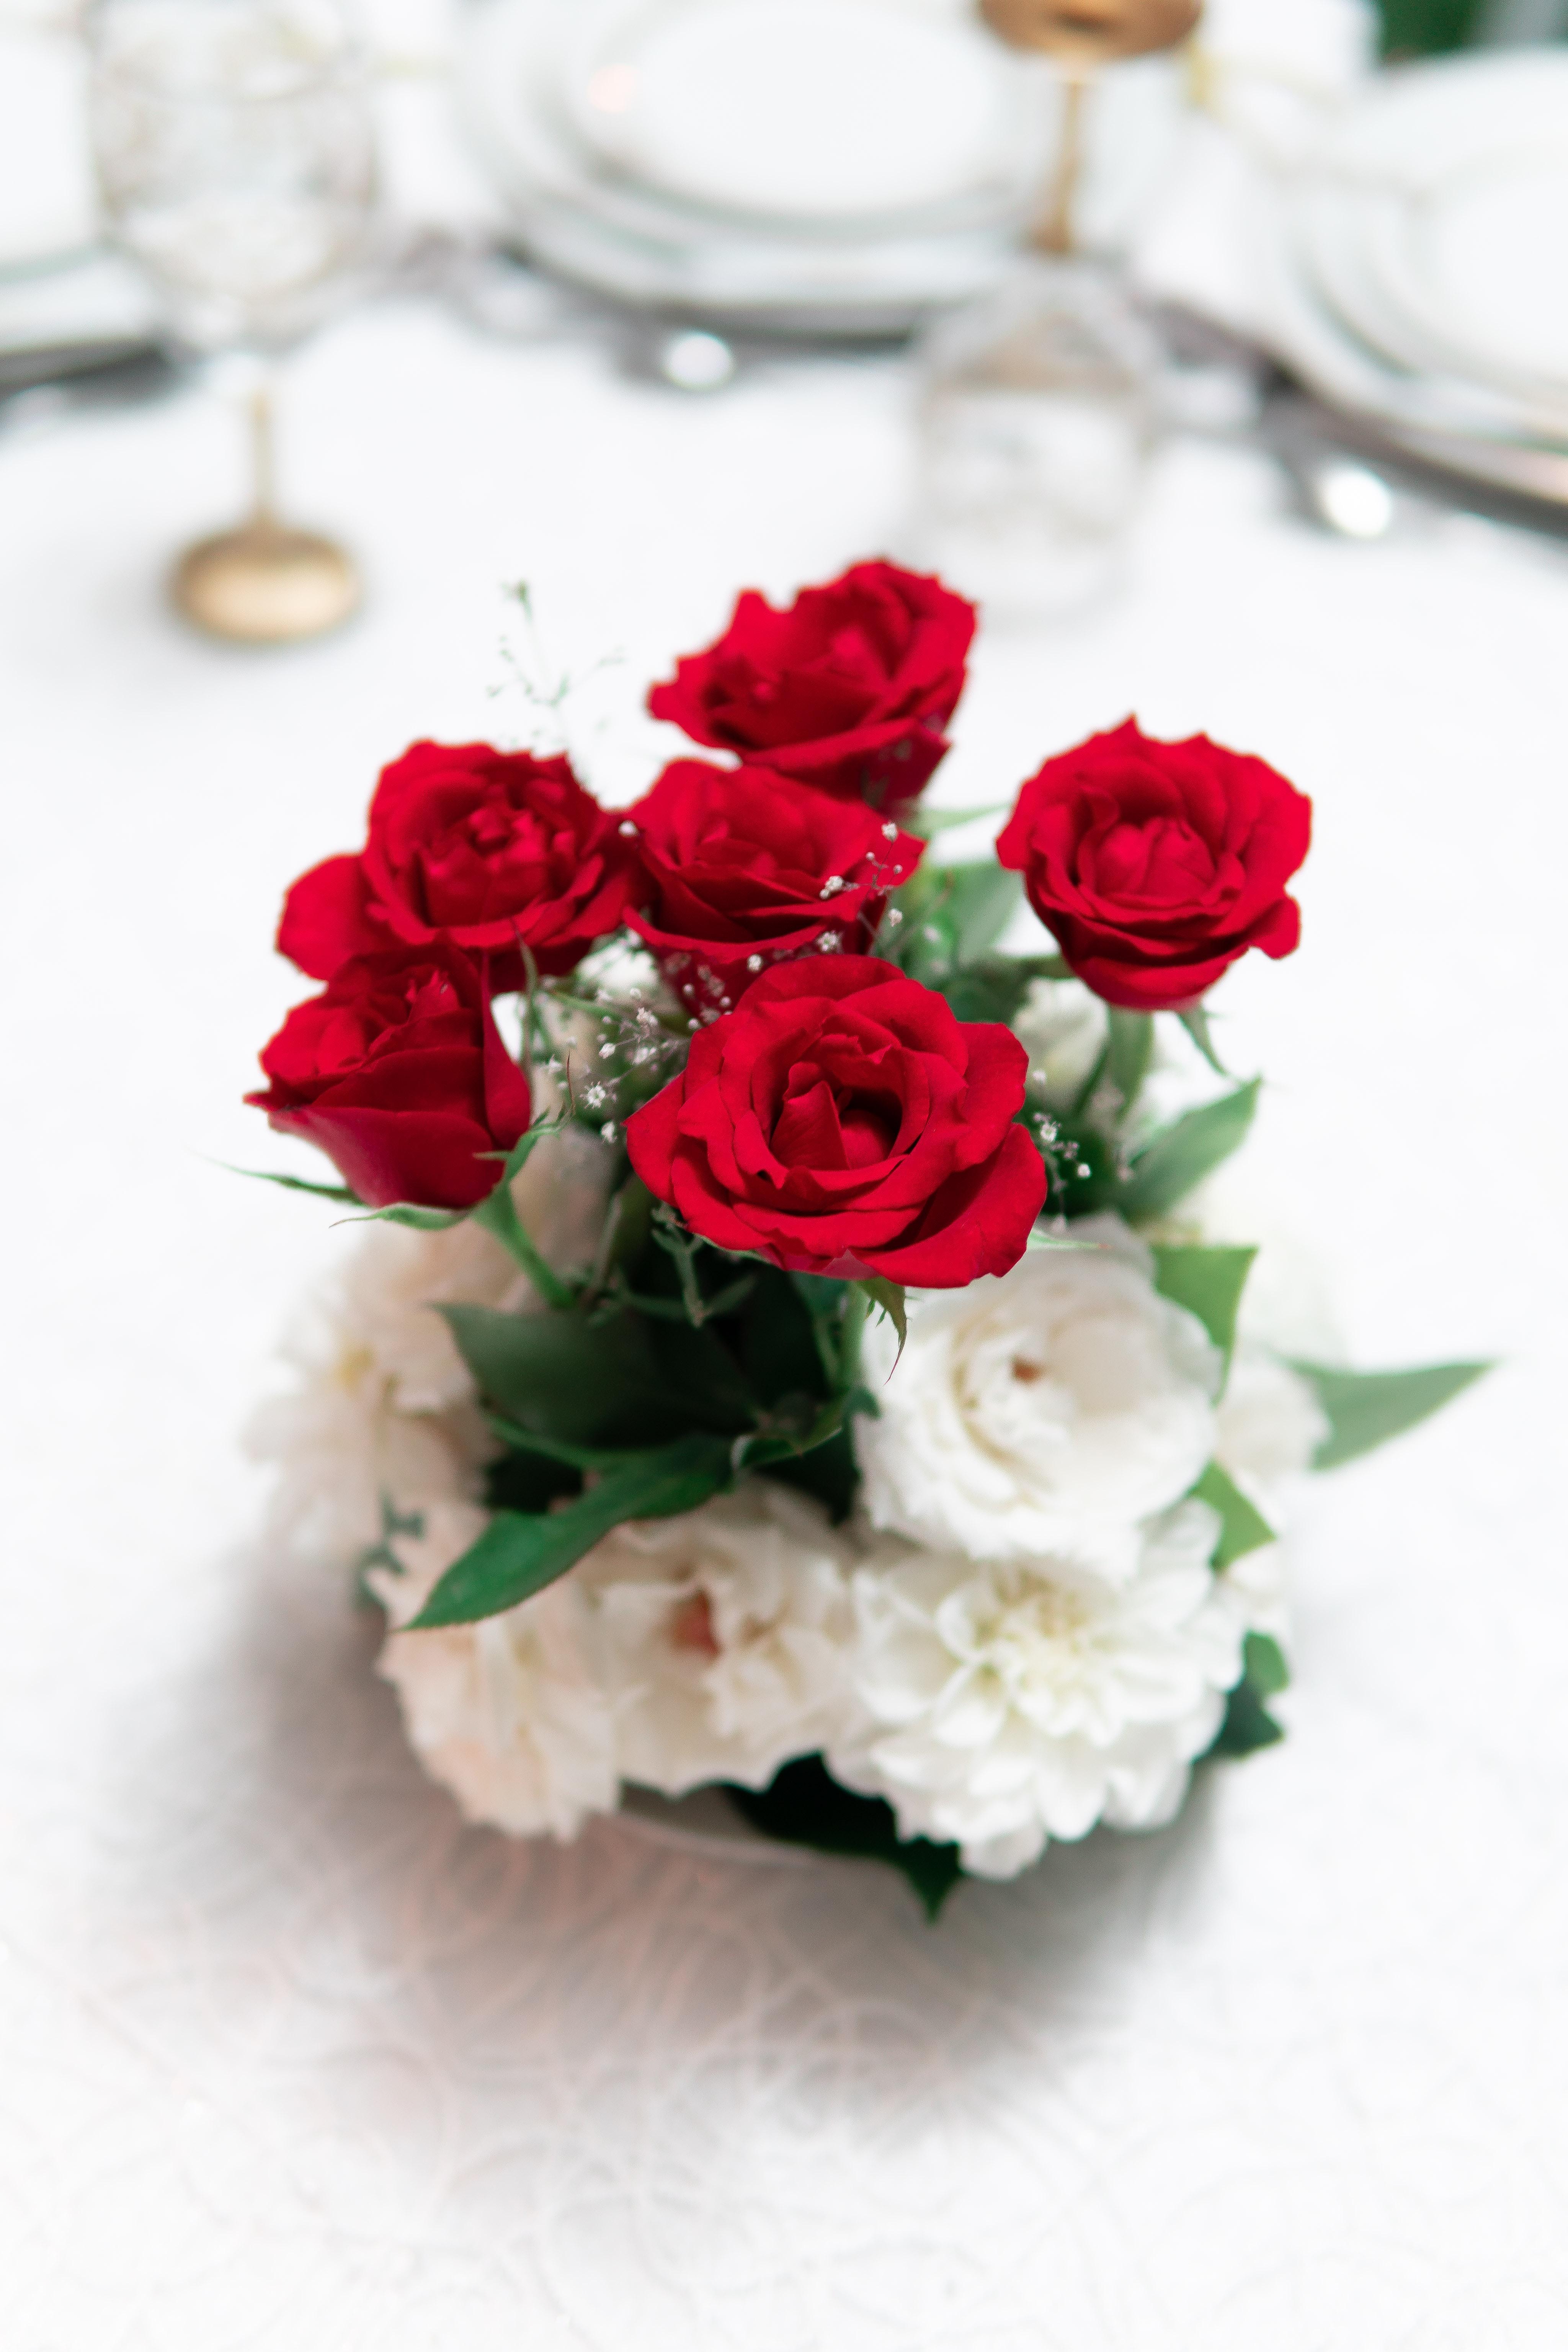 Fotoğraf Yıldönümü Güzel çiçeklenme çiçek Buket Gelin